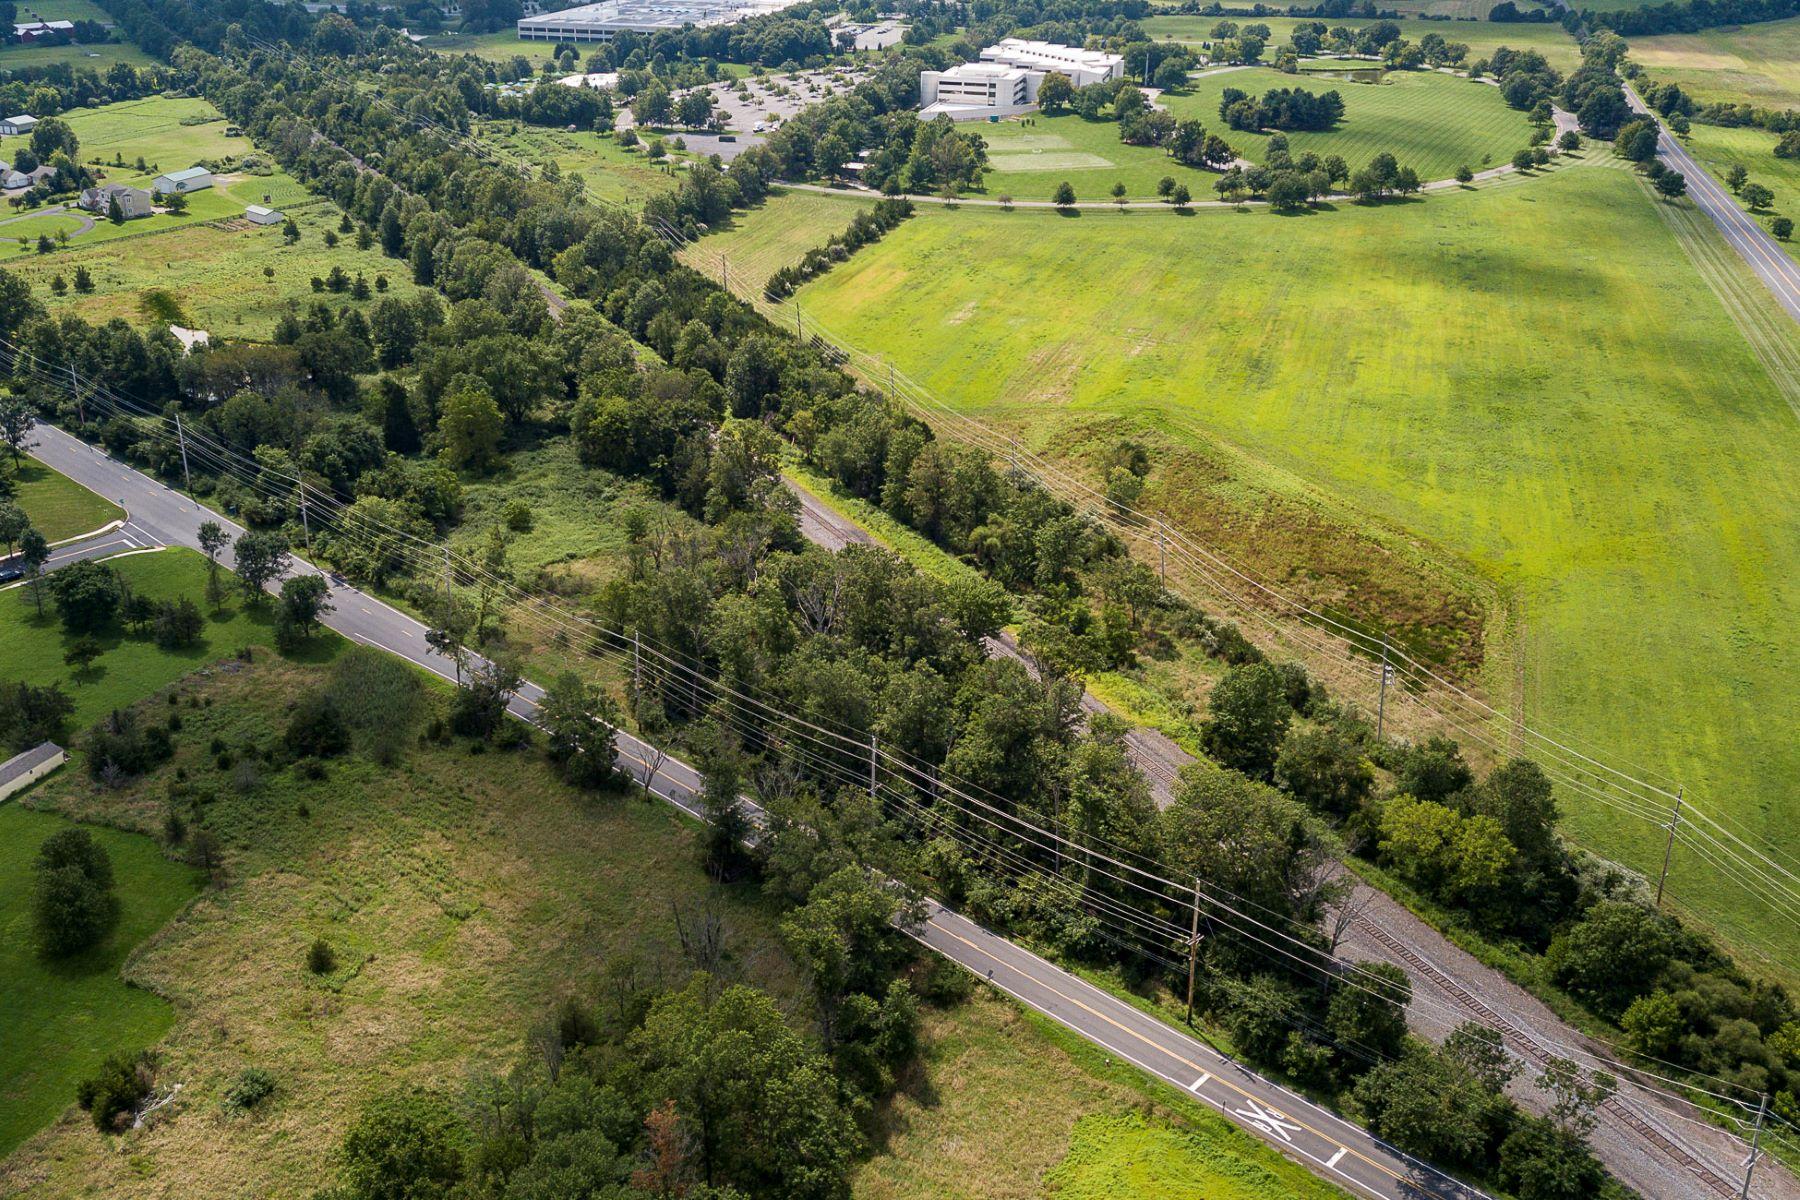 Bare Land Waiting for Your Dream Home Route 601, Skillman, New Jersey 08558 Amerika Birleşik Devletleri